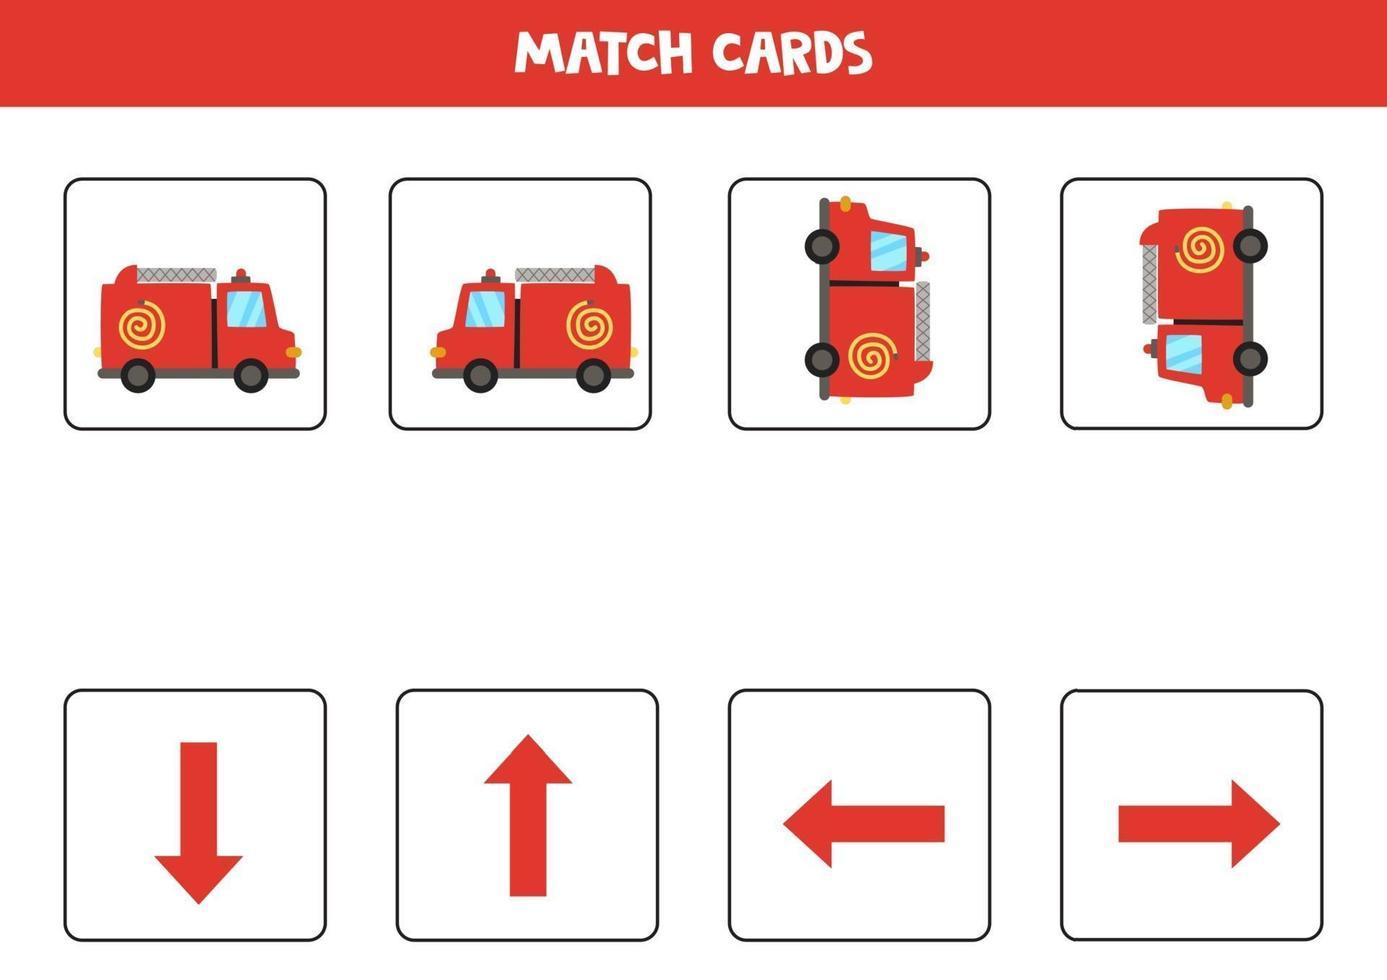 sinistra, destra, su o giù. orientamento spaziale con camion dei pompieri dei cartoni animati. vettore